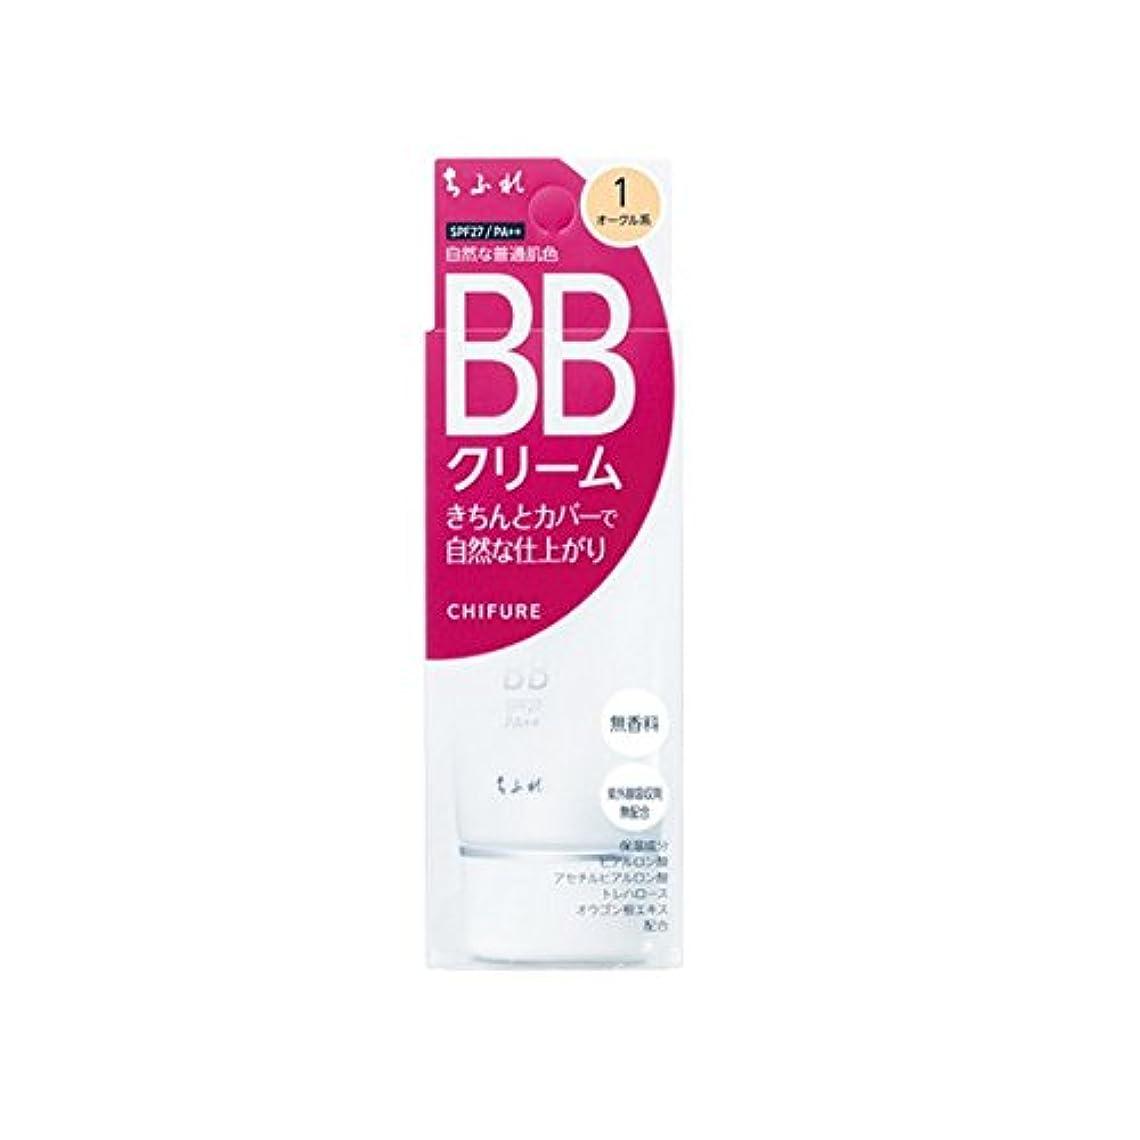 動機スクランブルセミナーちふれ化粧品 BB クリーム 1 自然な普通肌色 BBクリーム 1